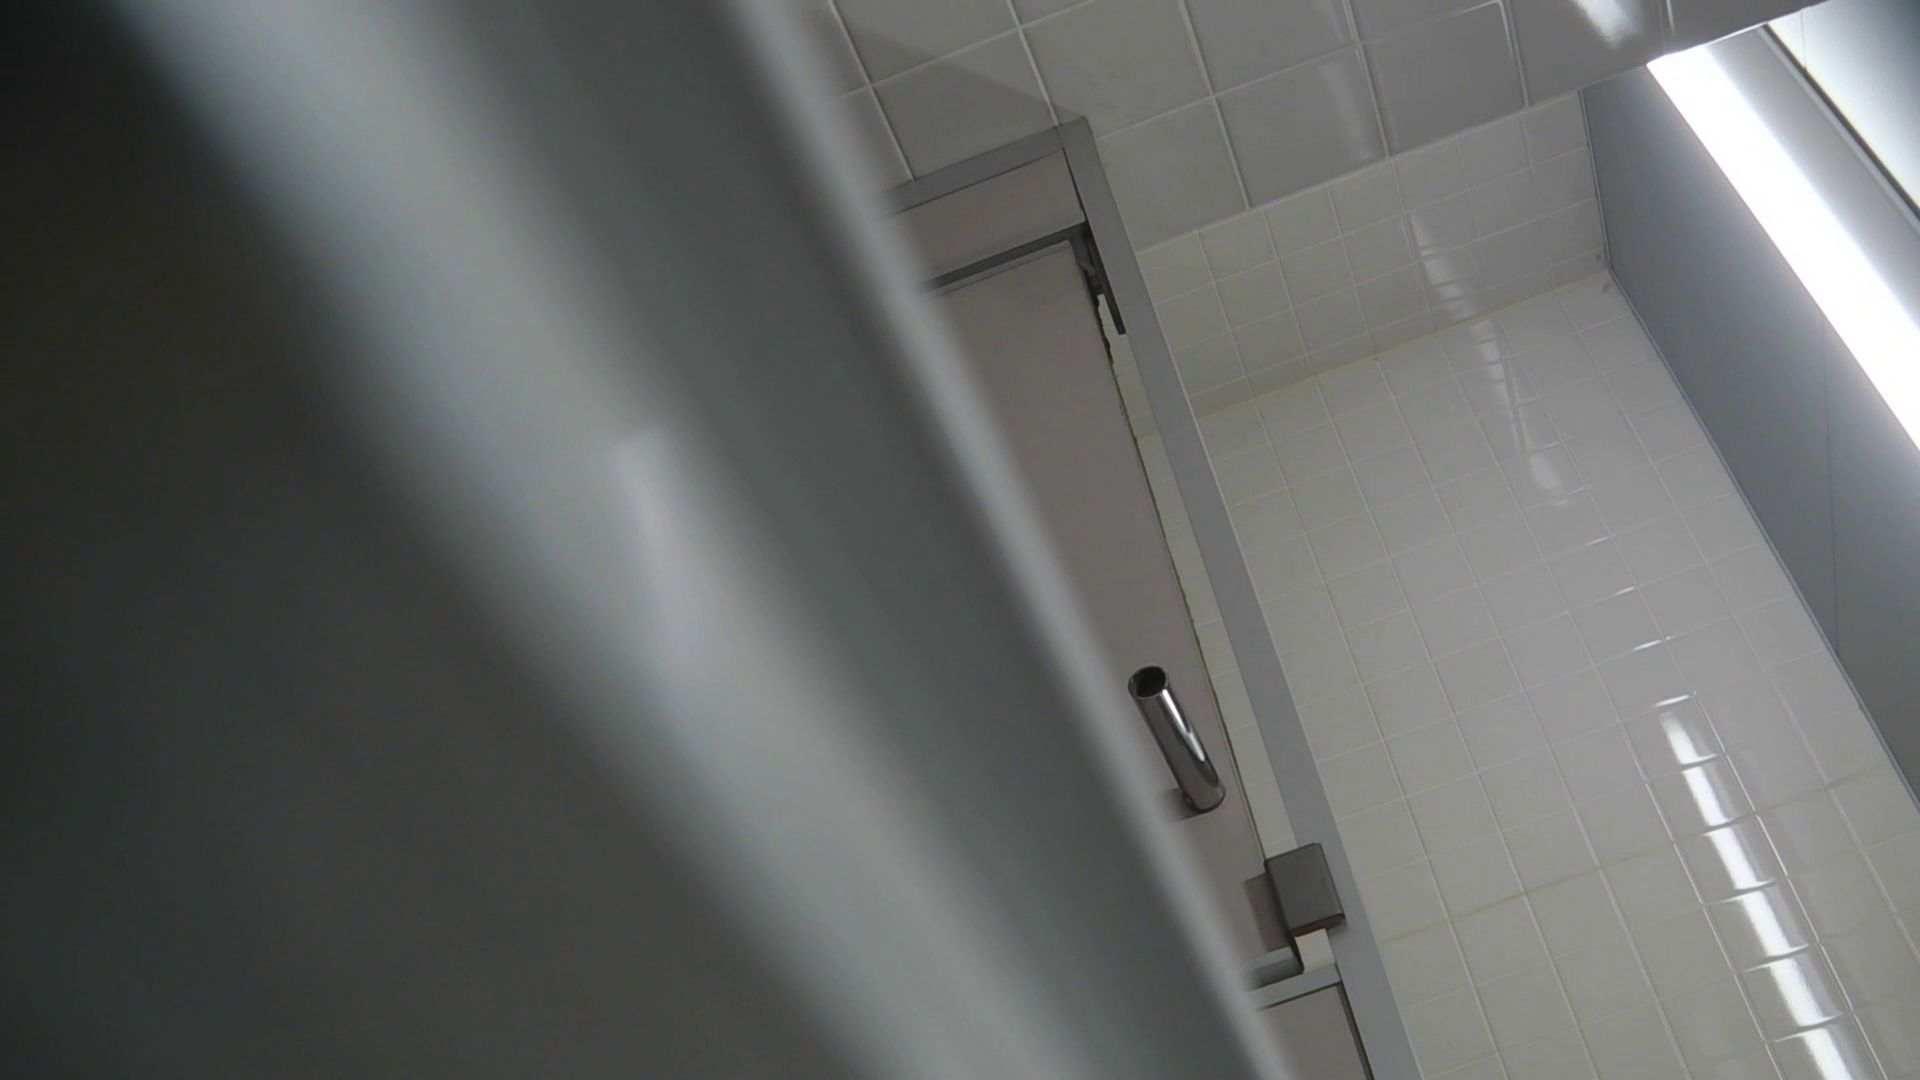 vol.20 命がけ潜伏洗面所! 清楚系可愛いギャル OLの実態 盗撮エロ画像 103pic 42